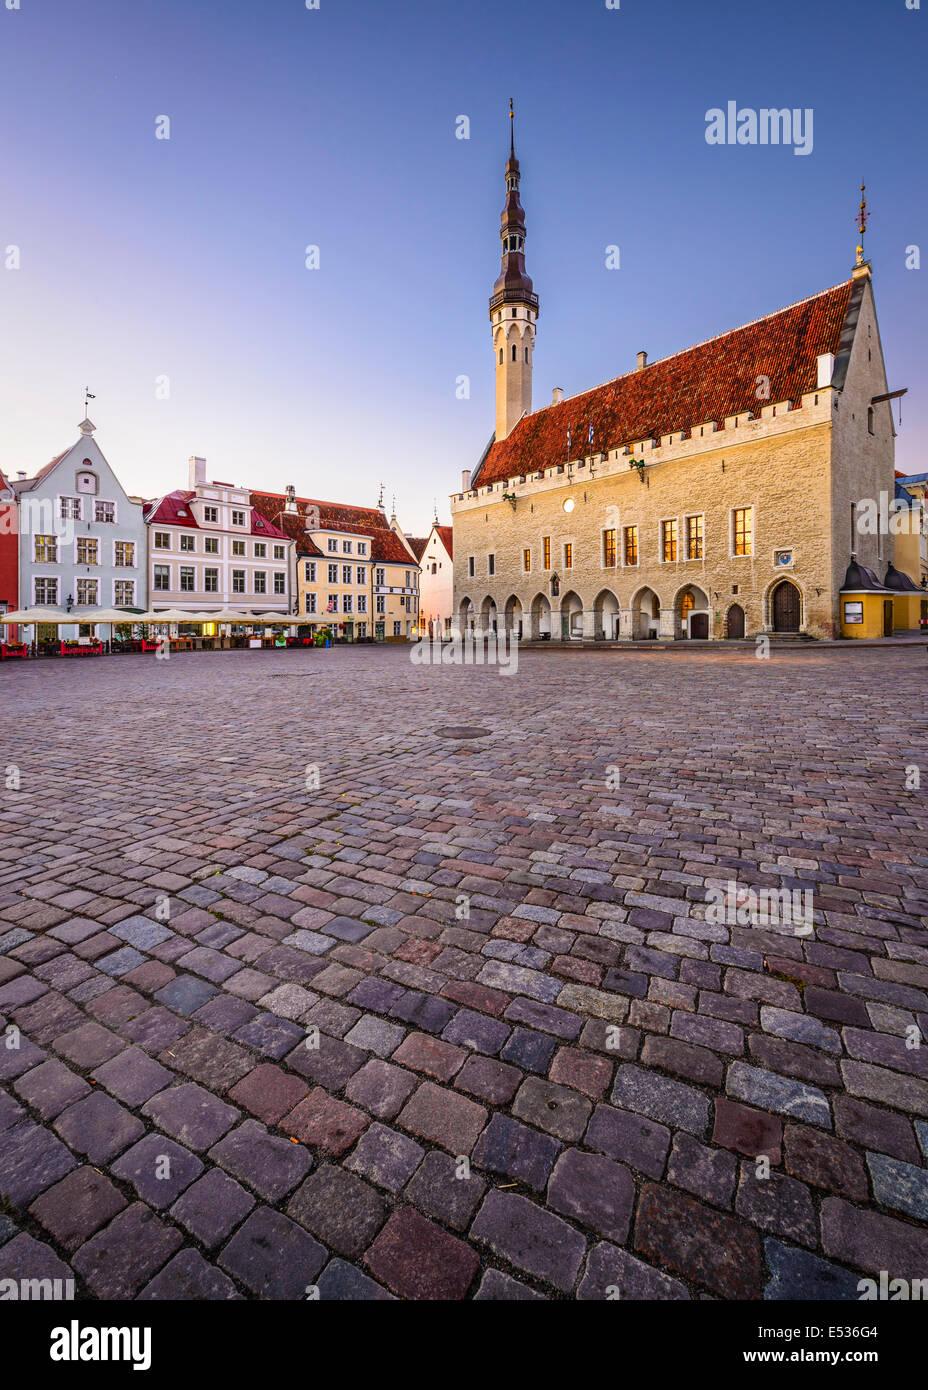 Tallinn, Estonia presso la Old Town Hall Square. Immagini Stock